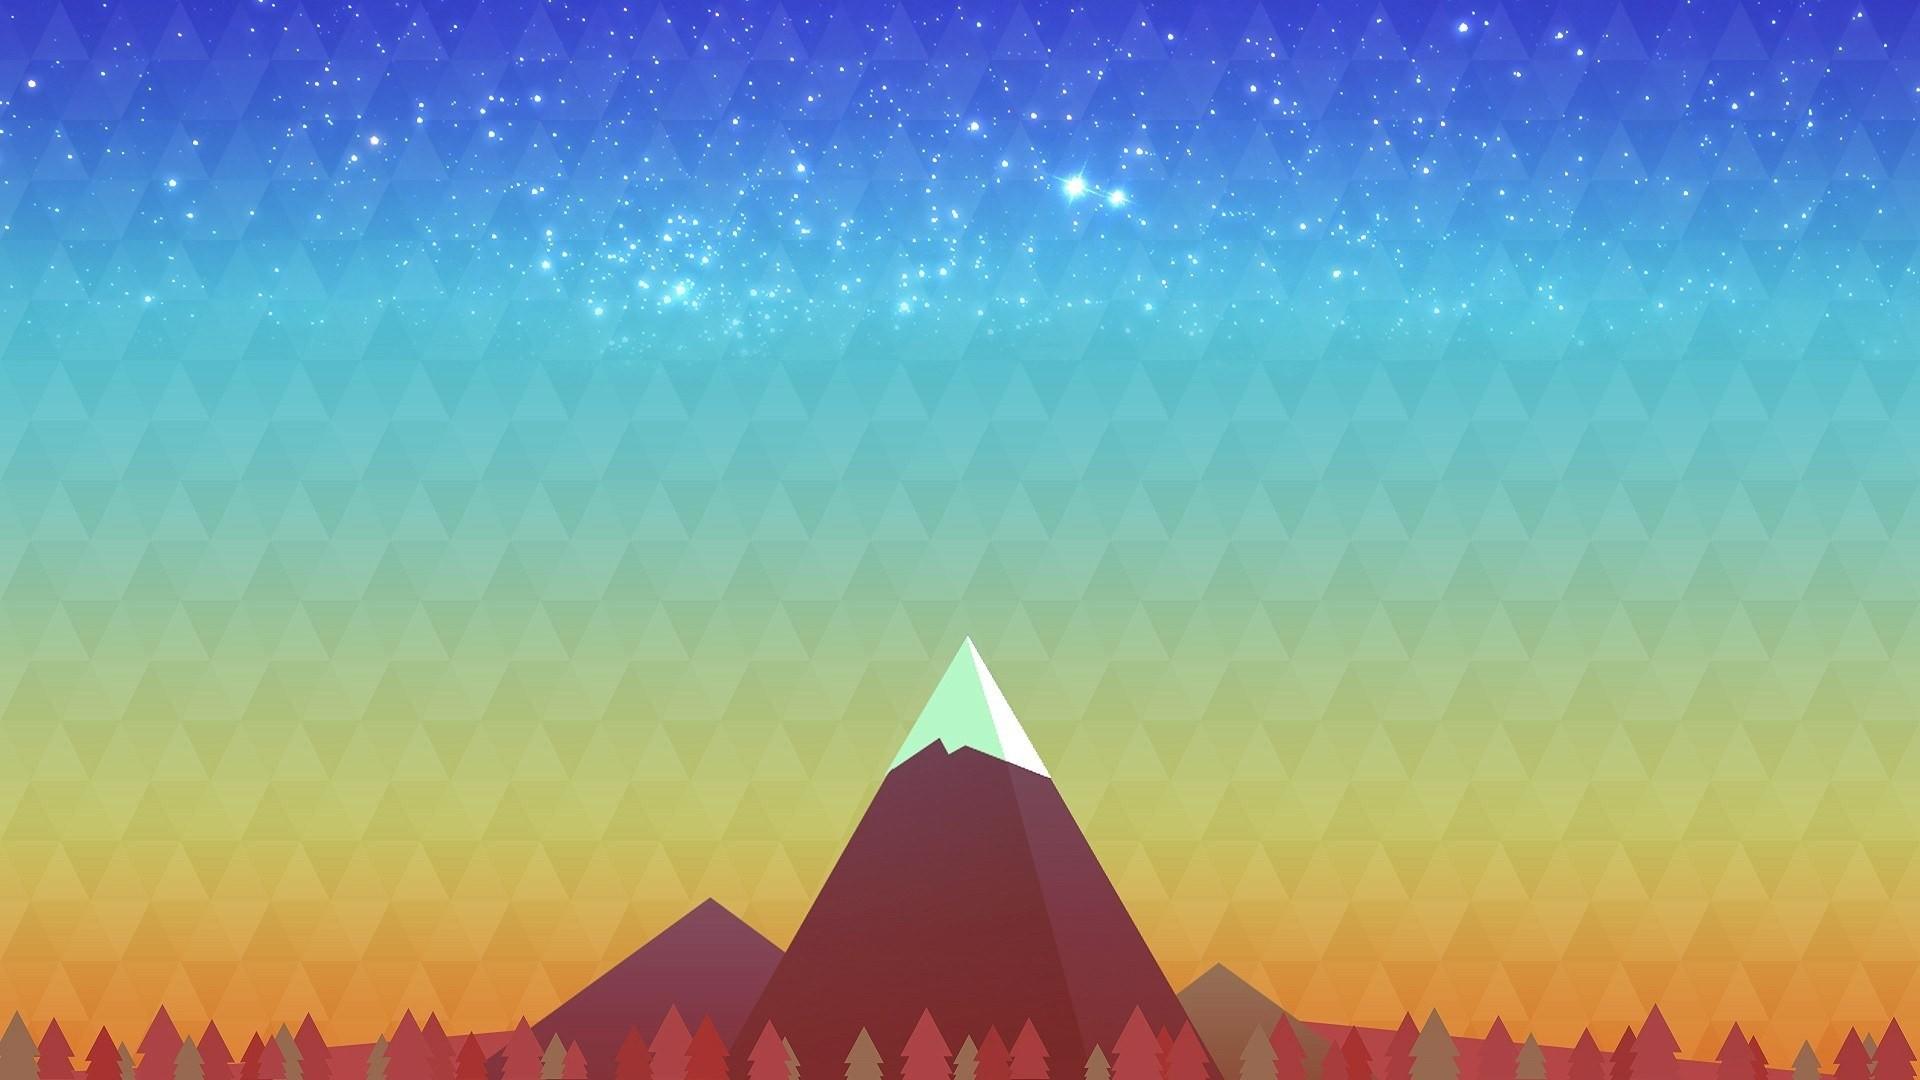 Cute Hipster Desktop Wallpaper Digital Art Mountains Hd Artist 4k Wallpapers Images